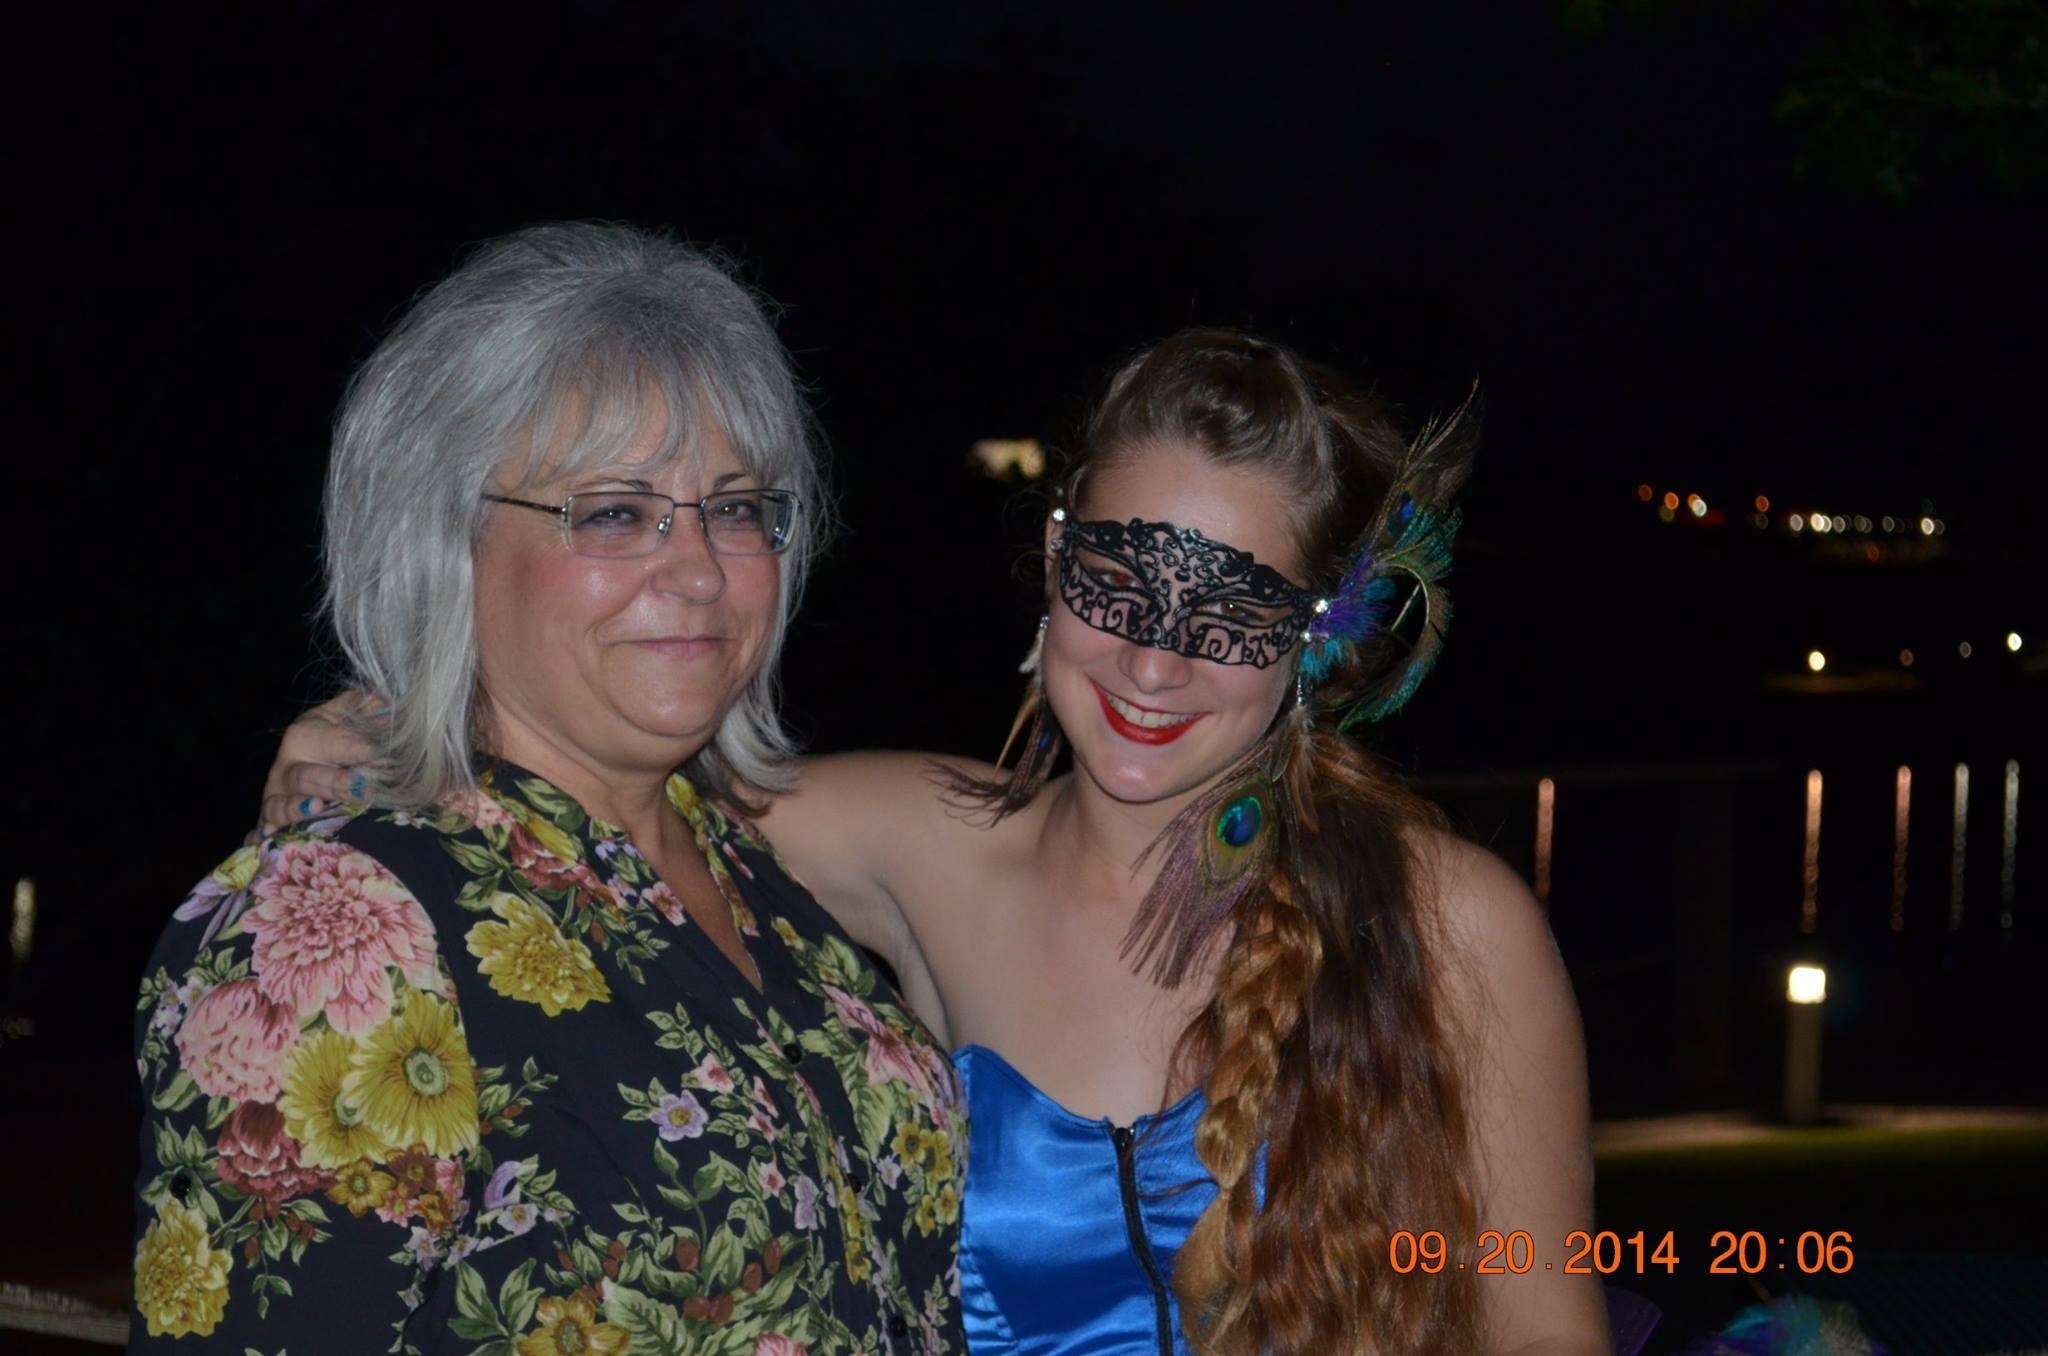 Nana and Katy